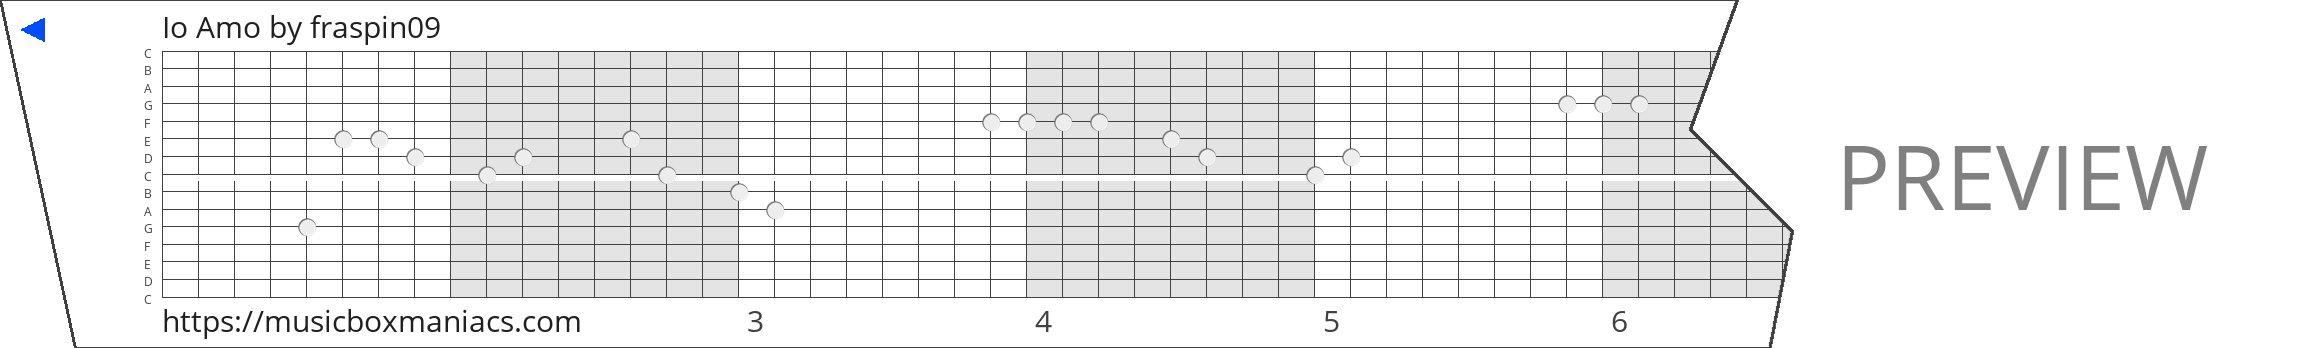 Io Amo 15 note music box paper strip